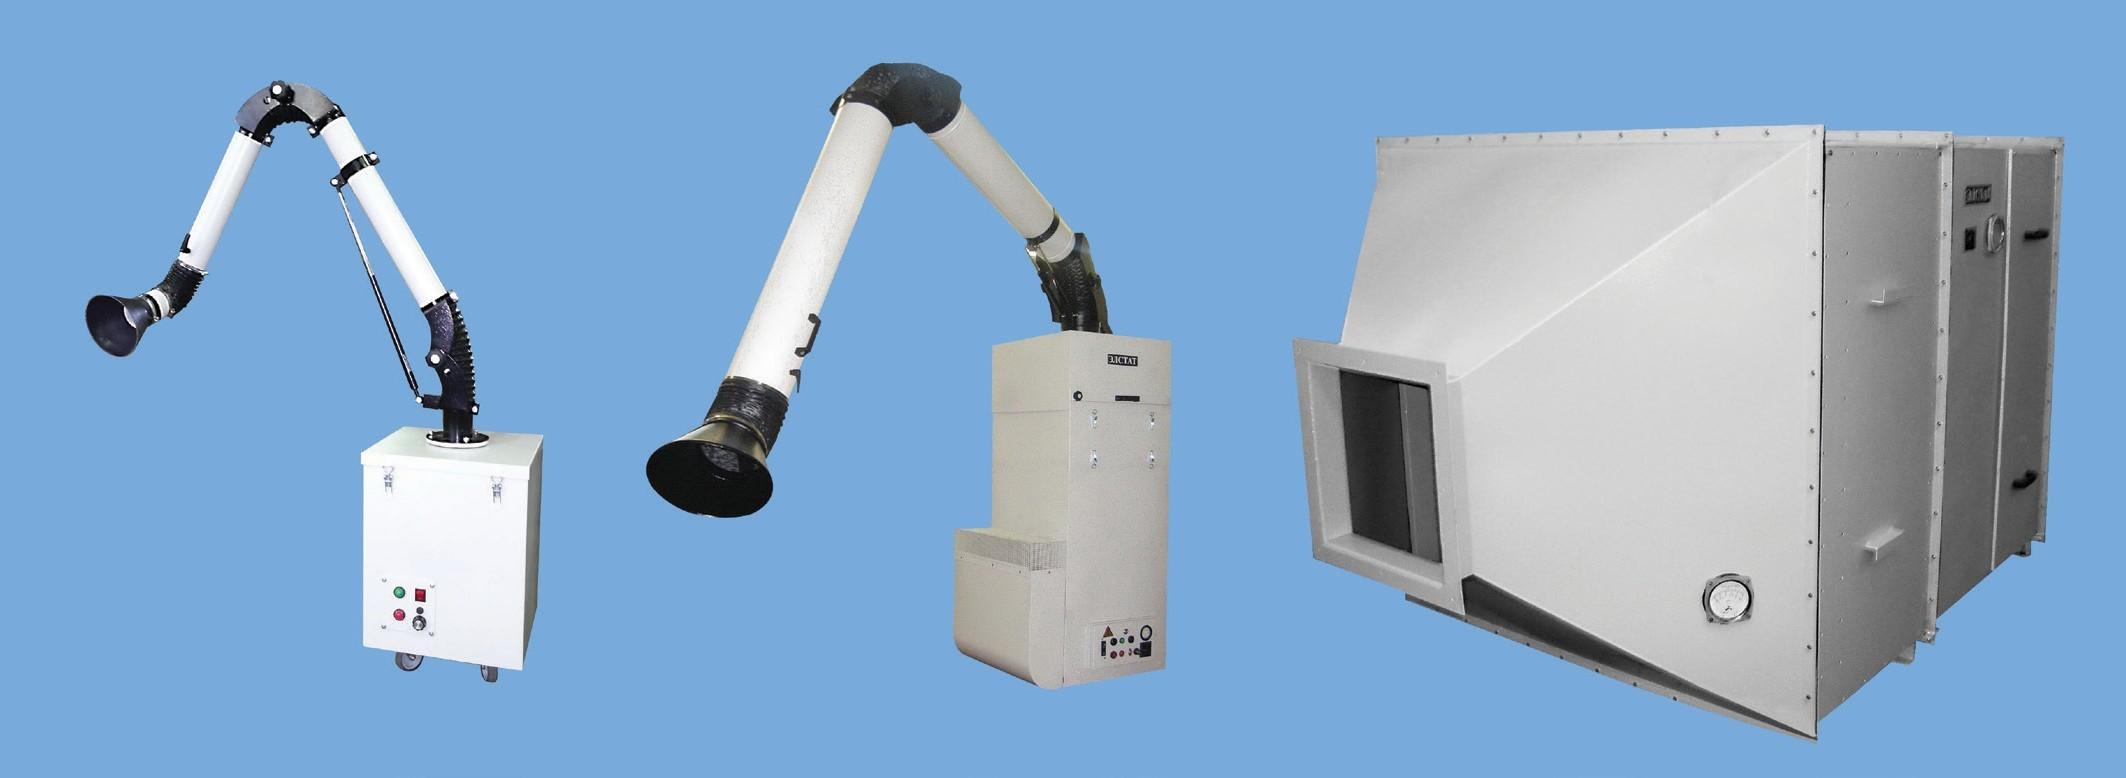 Фильтры ФСК-ЭЛСТАТ накопительного типа, со сменными фильтрующими кассетами – для очистки воздуха при сварке (ремонтные, монтажные и регламентные работы), лазерной маркировке и гравировке. С пультом управления, с измерительными приборами, с системой сигнализации. Передвижные и стационарные.